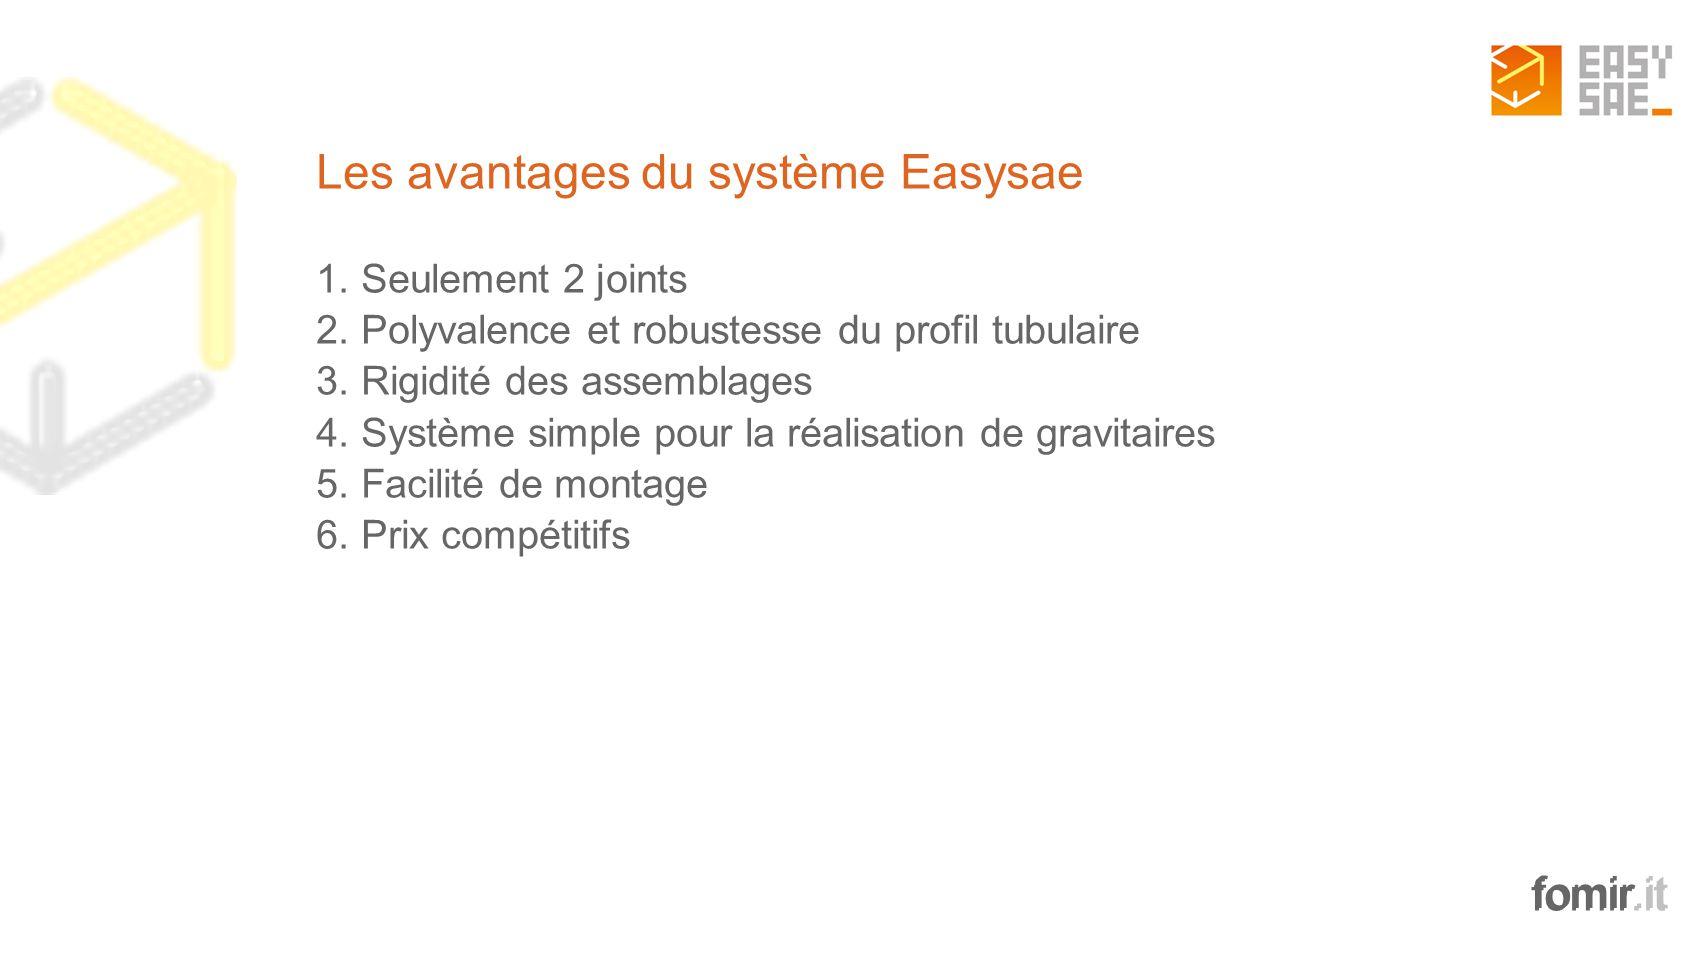 Les avantages du système Easysae